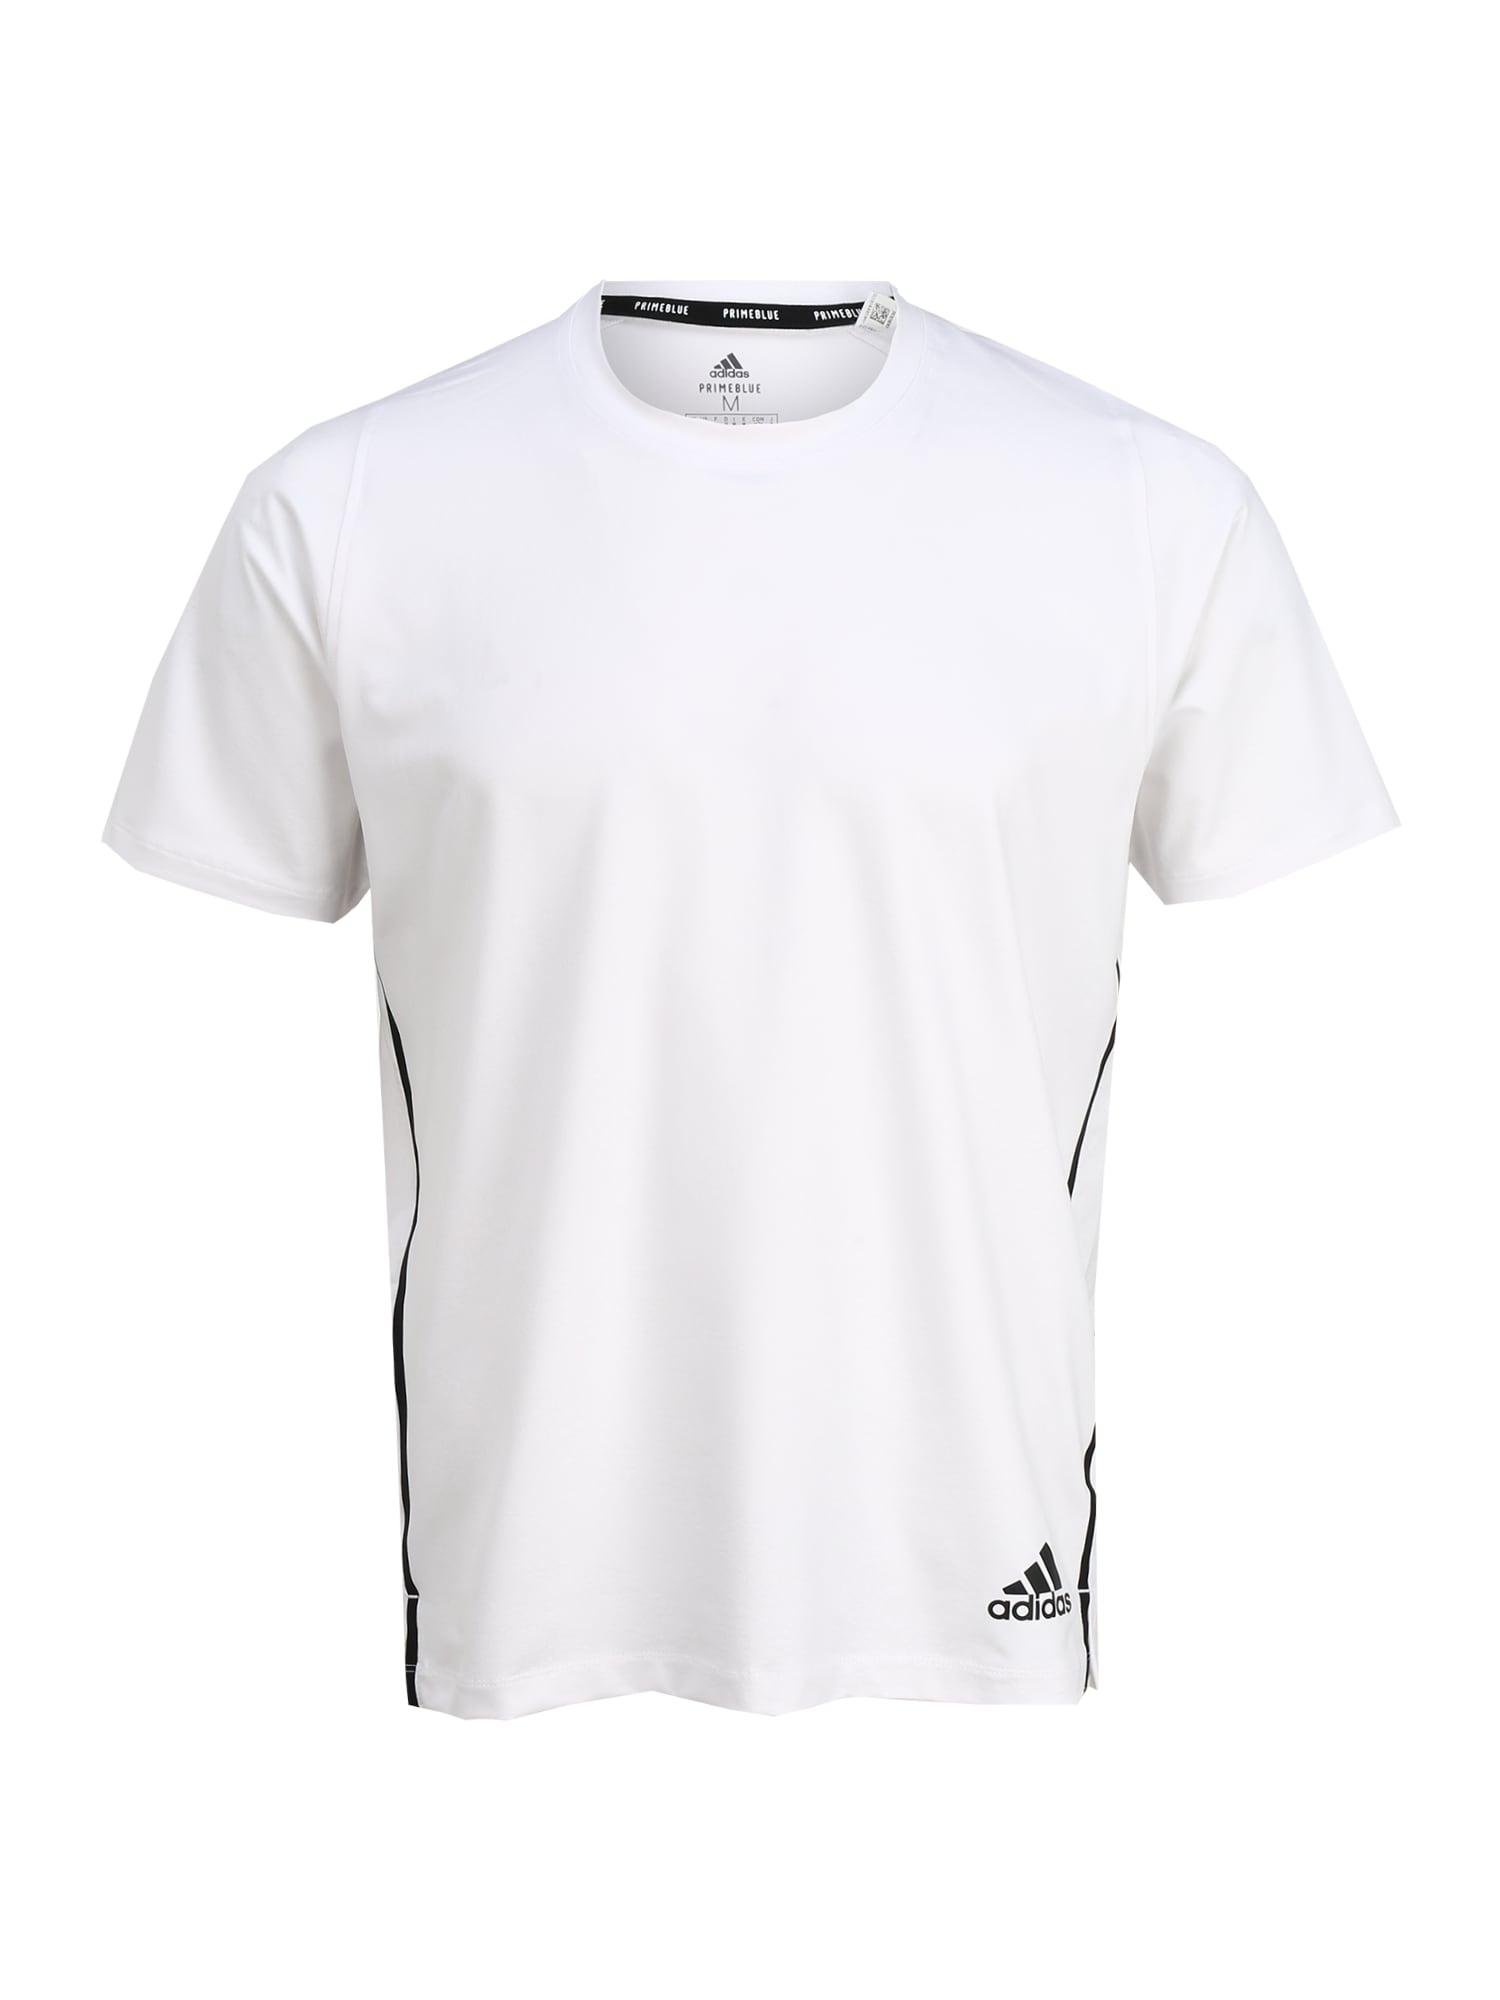 ADIDAS PERFORMANCE Sportiniai marškinėliai ' PRIMEBLUE' balta